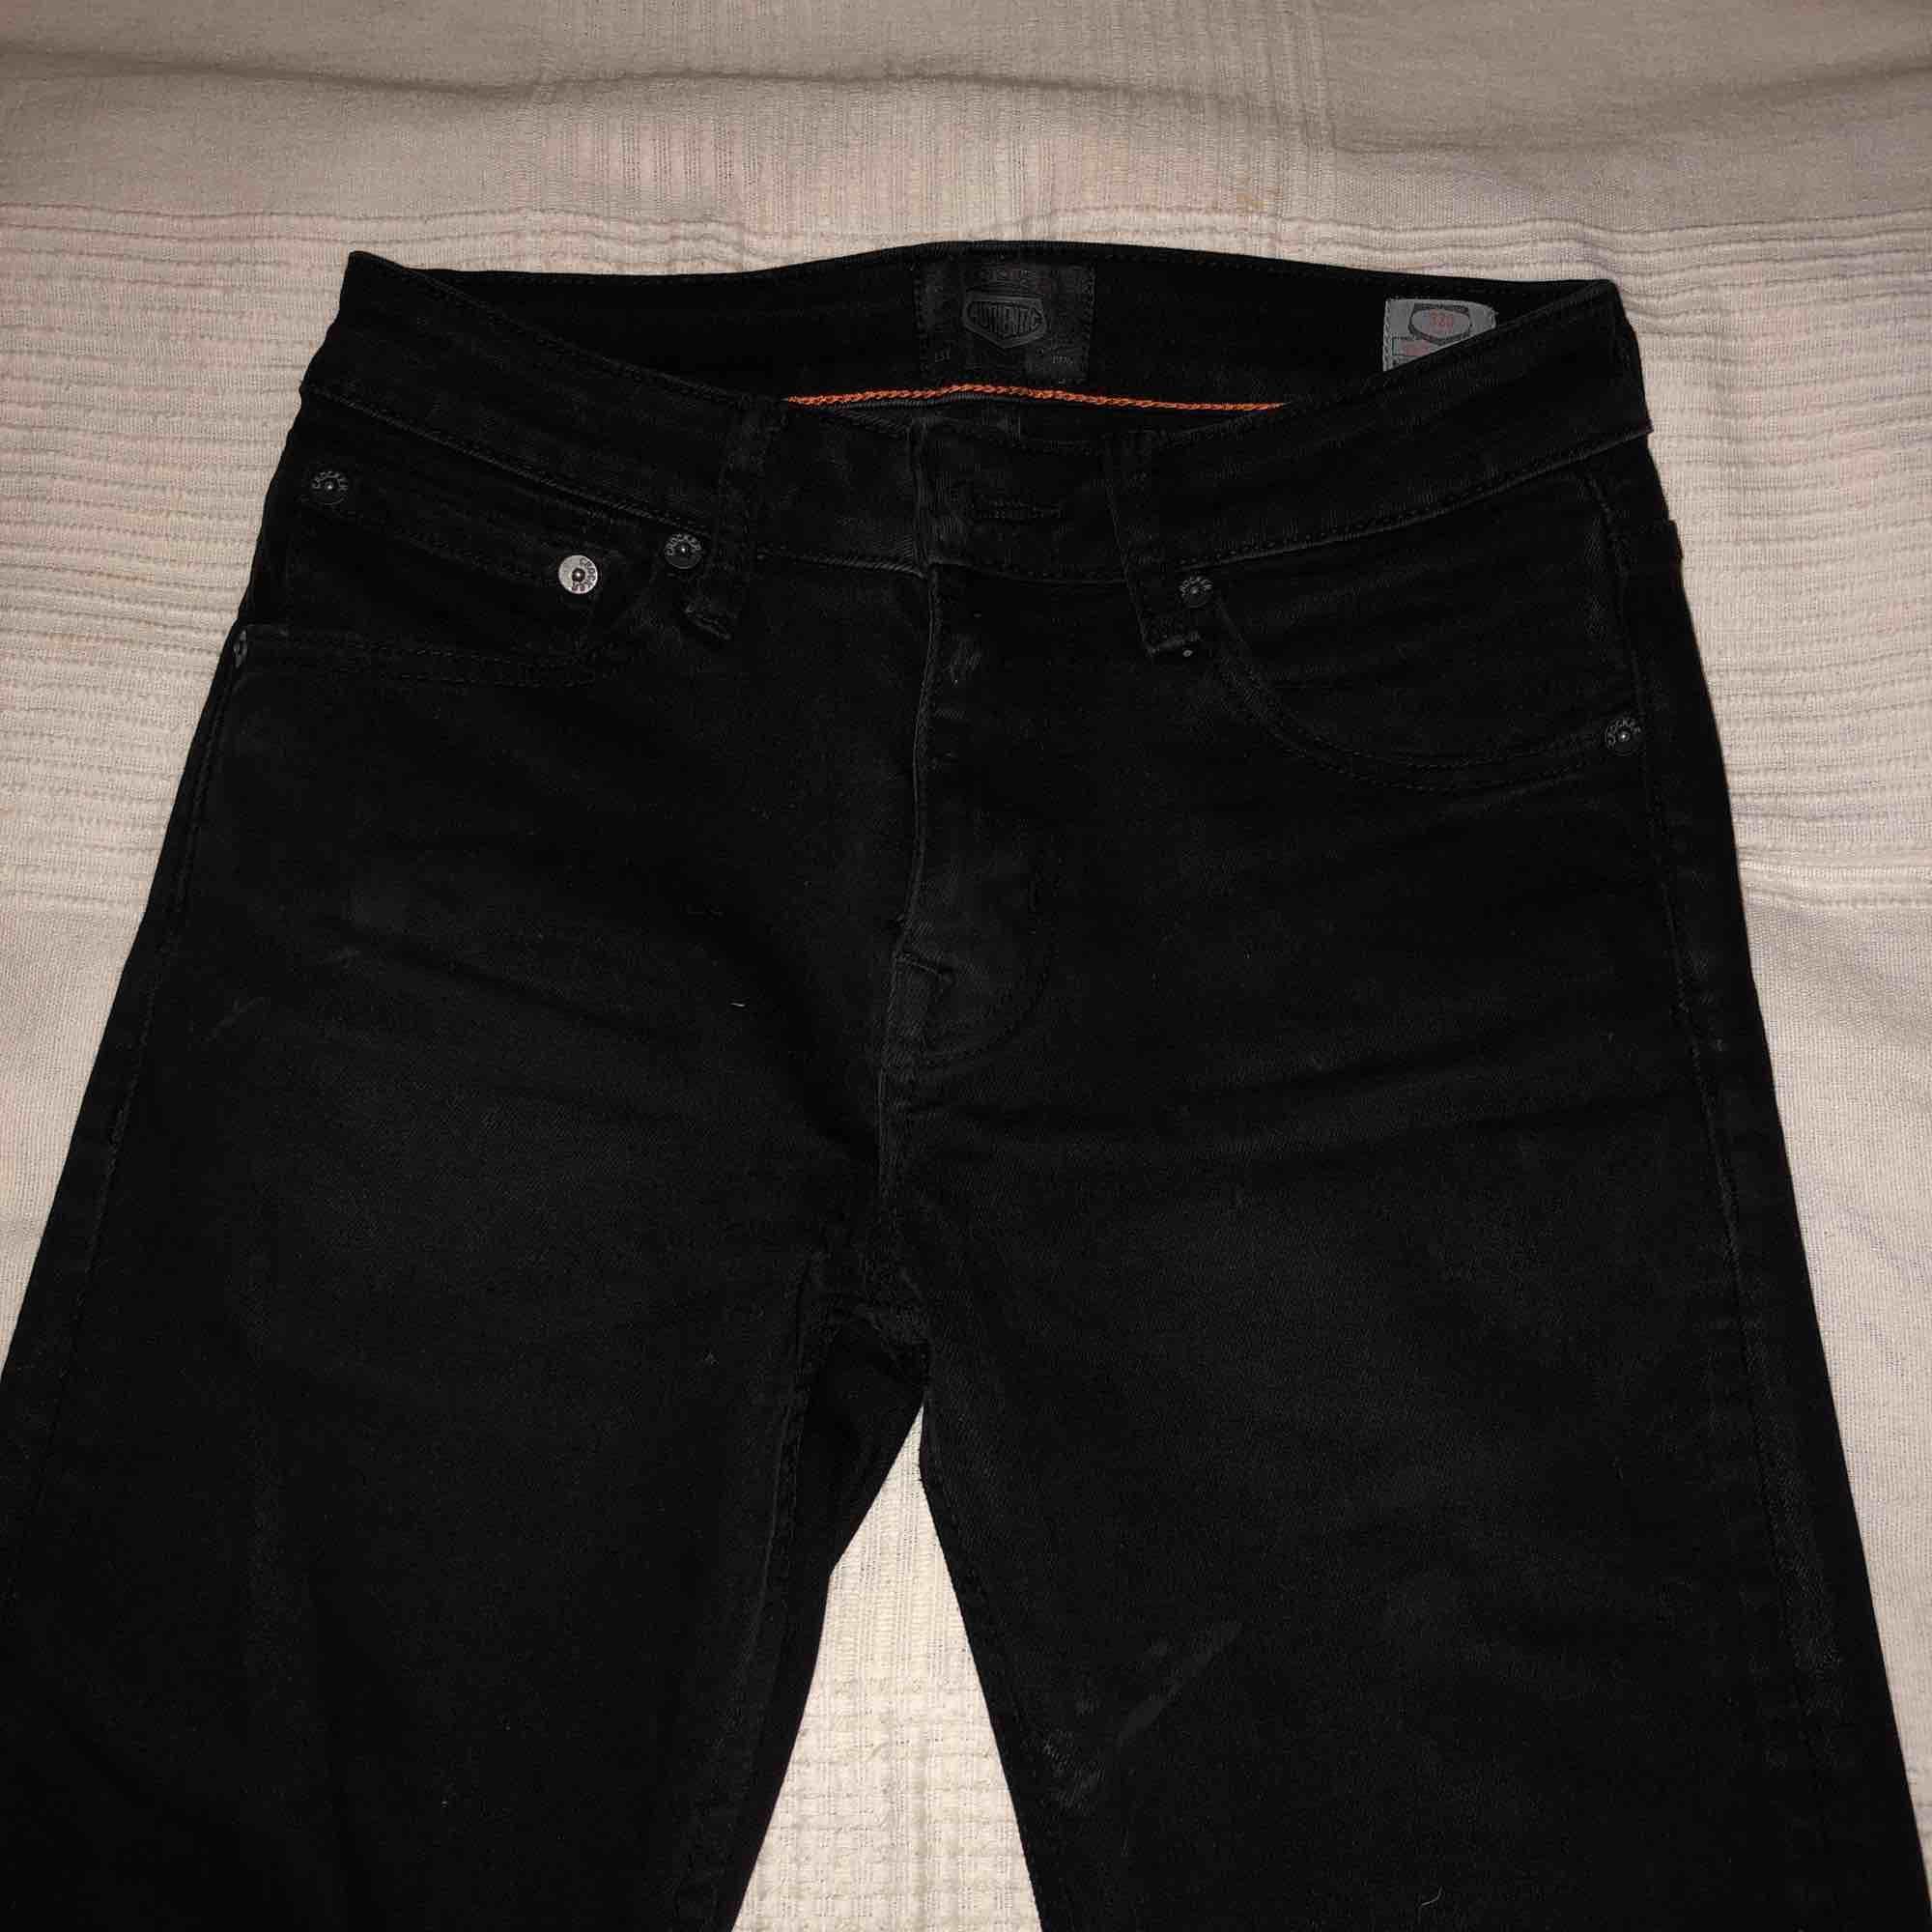 Ett par helt svarta Crocker jeans. Demens använda men dem är som nya utan skador eller något sånt. Dem är skinny fit och rätt så stretchiga så att dem kan stretcha ut i midjan och är riktigt bekväma.. Jeans & Byxor.